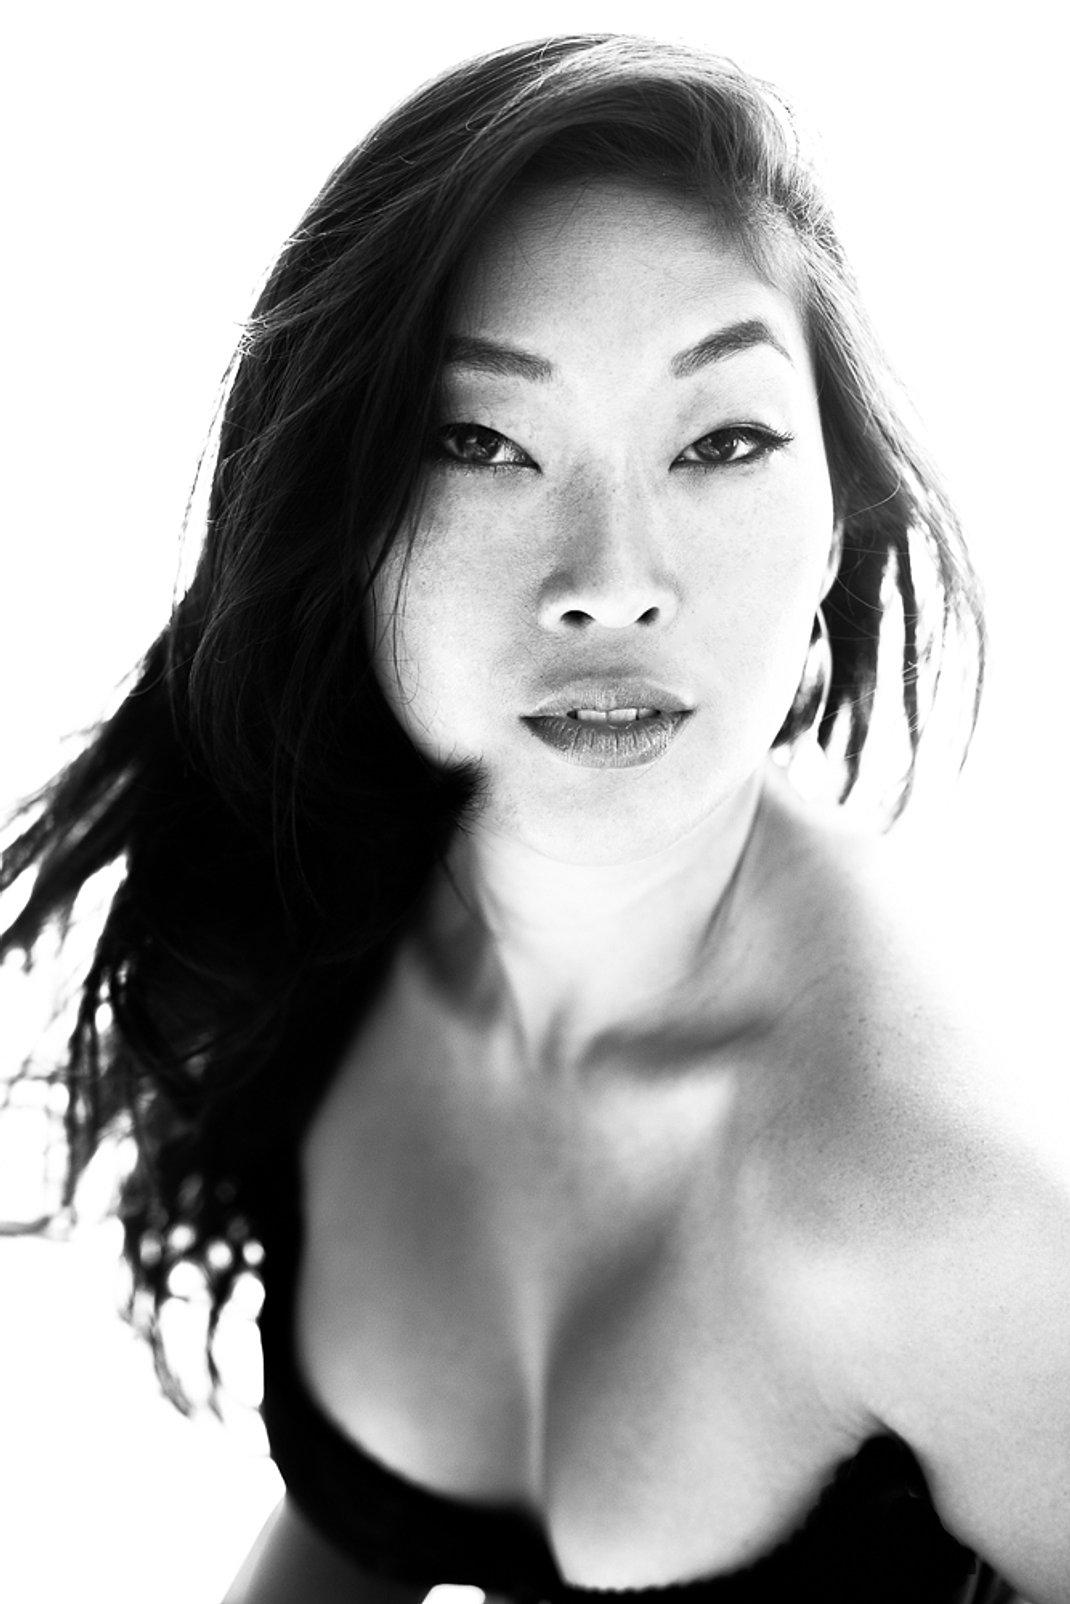 jackie dallas actress